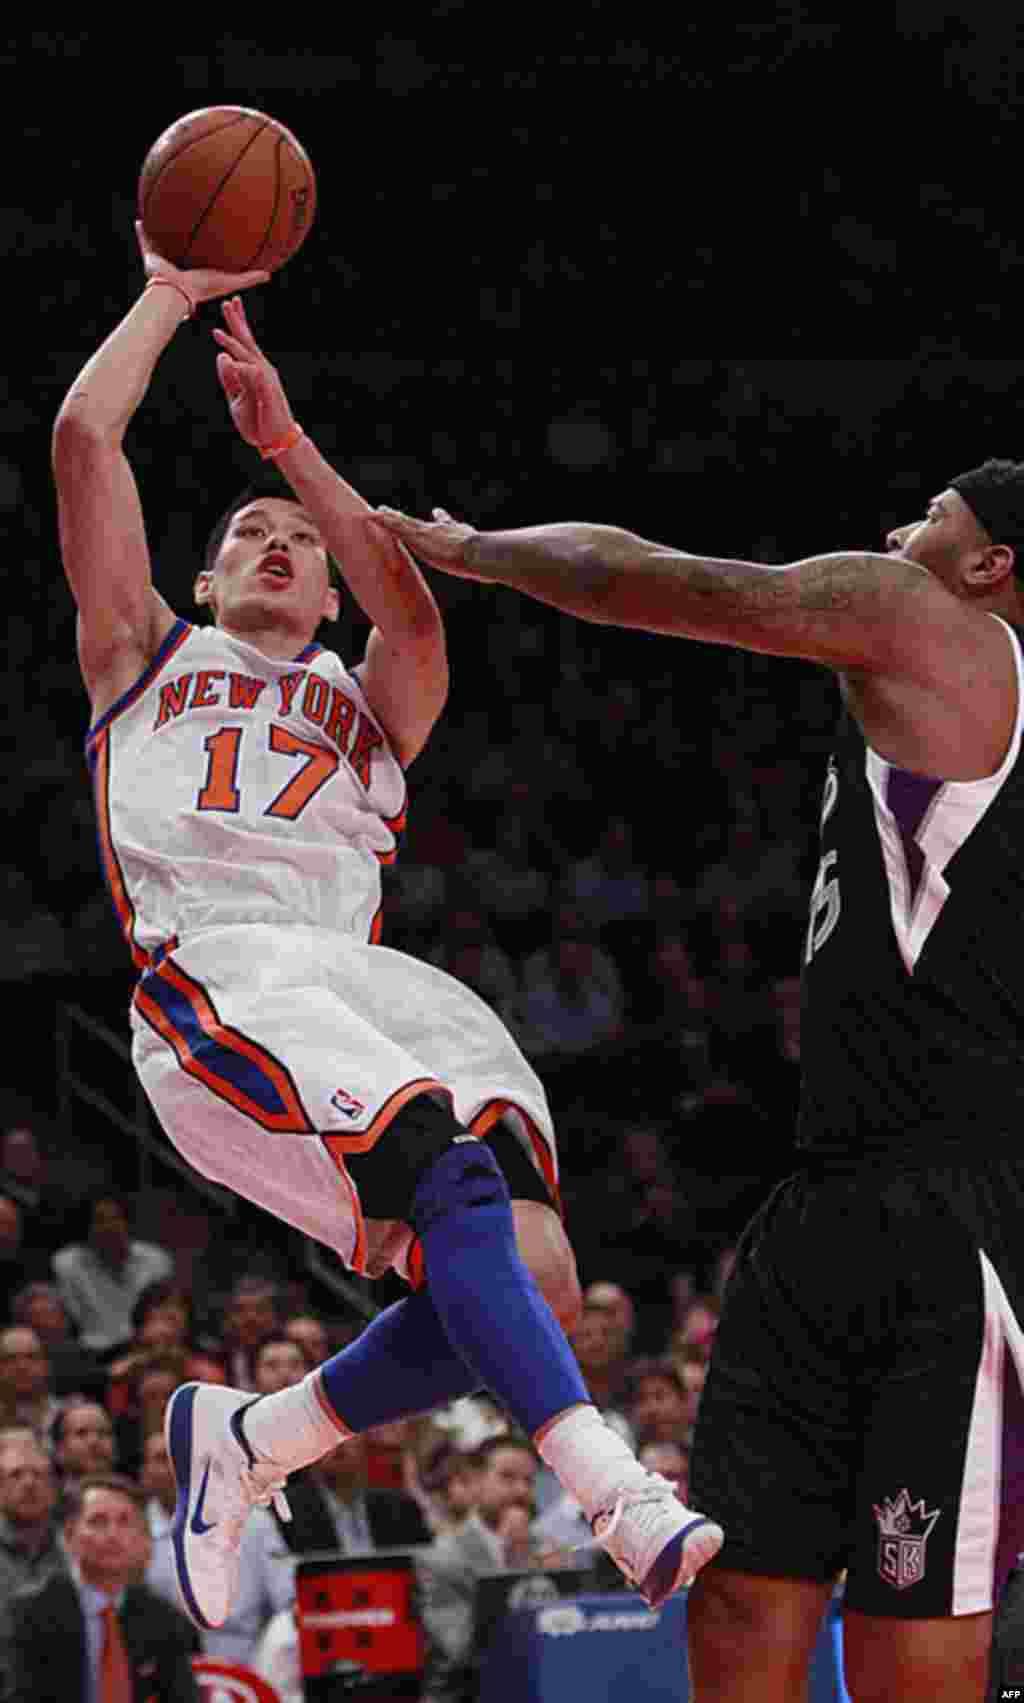 Jeremy Lin của đội New York Knicks vượt lên Demarcus Cousins của đội Sacramento Kings ném banh vào rổ trong trận đấu của Hiệp hội Bóng rổ Quốc gia (NBA) hôm 15/2/12 (AP)